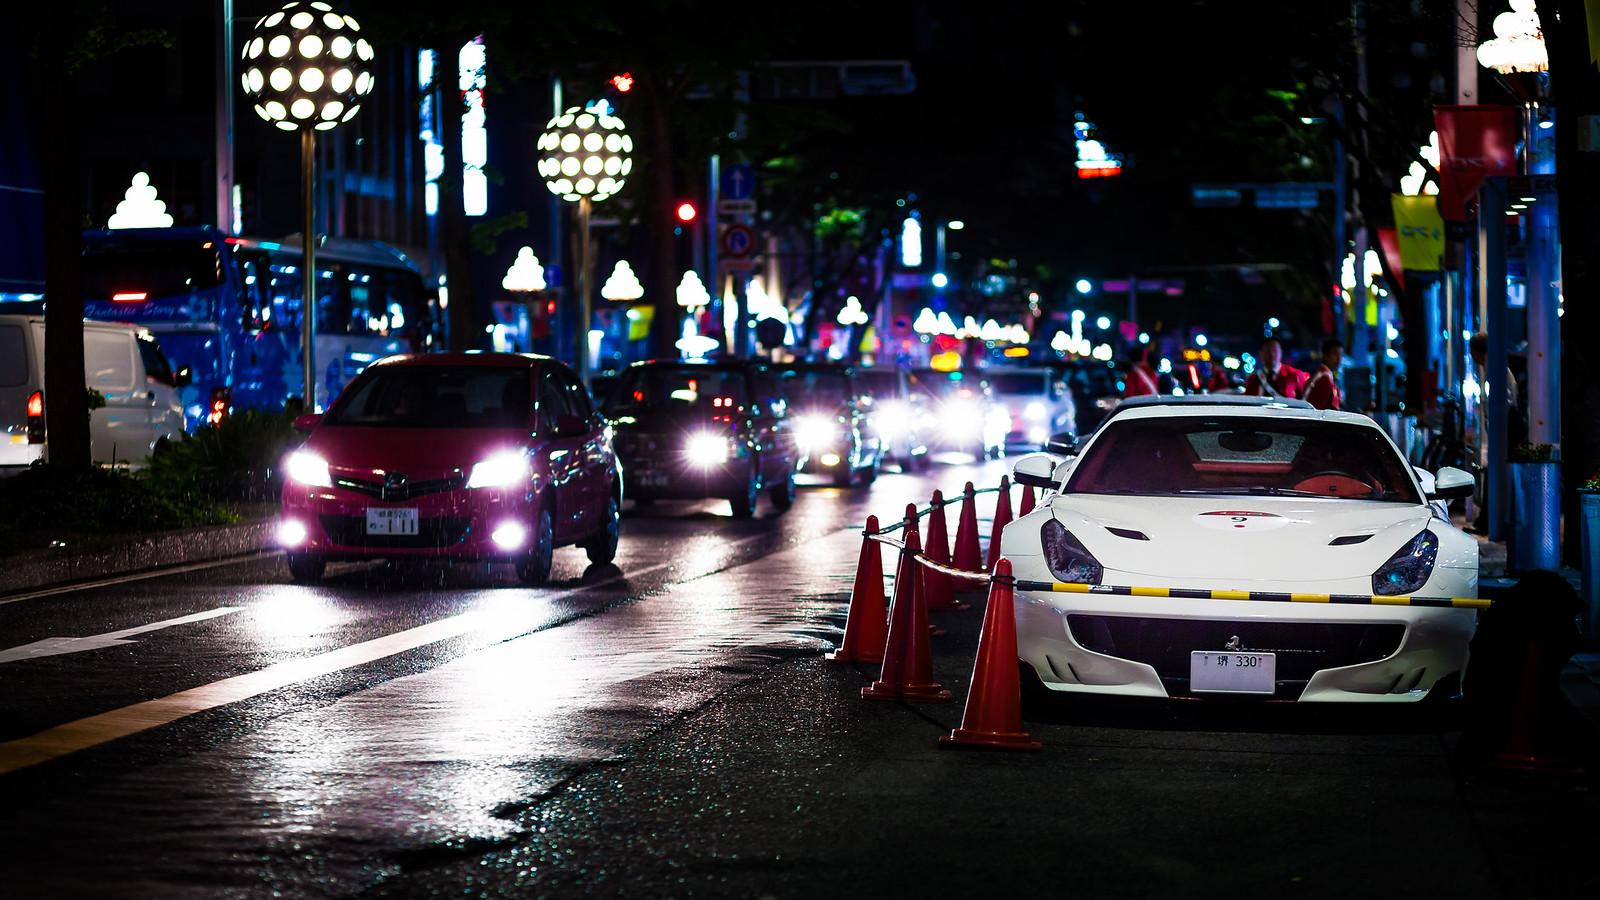 Ferrari 70th anniversary in Japan - F12 tdf (5)